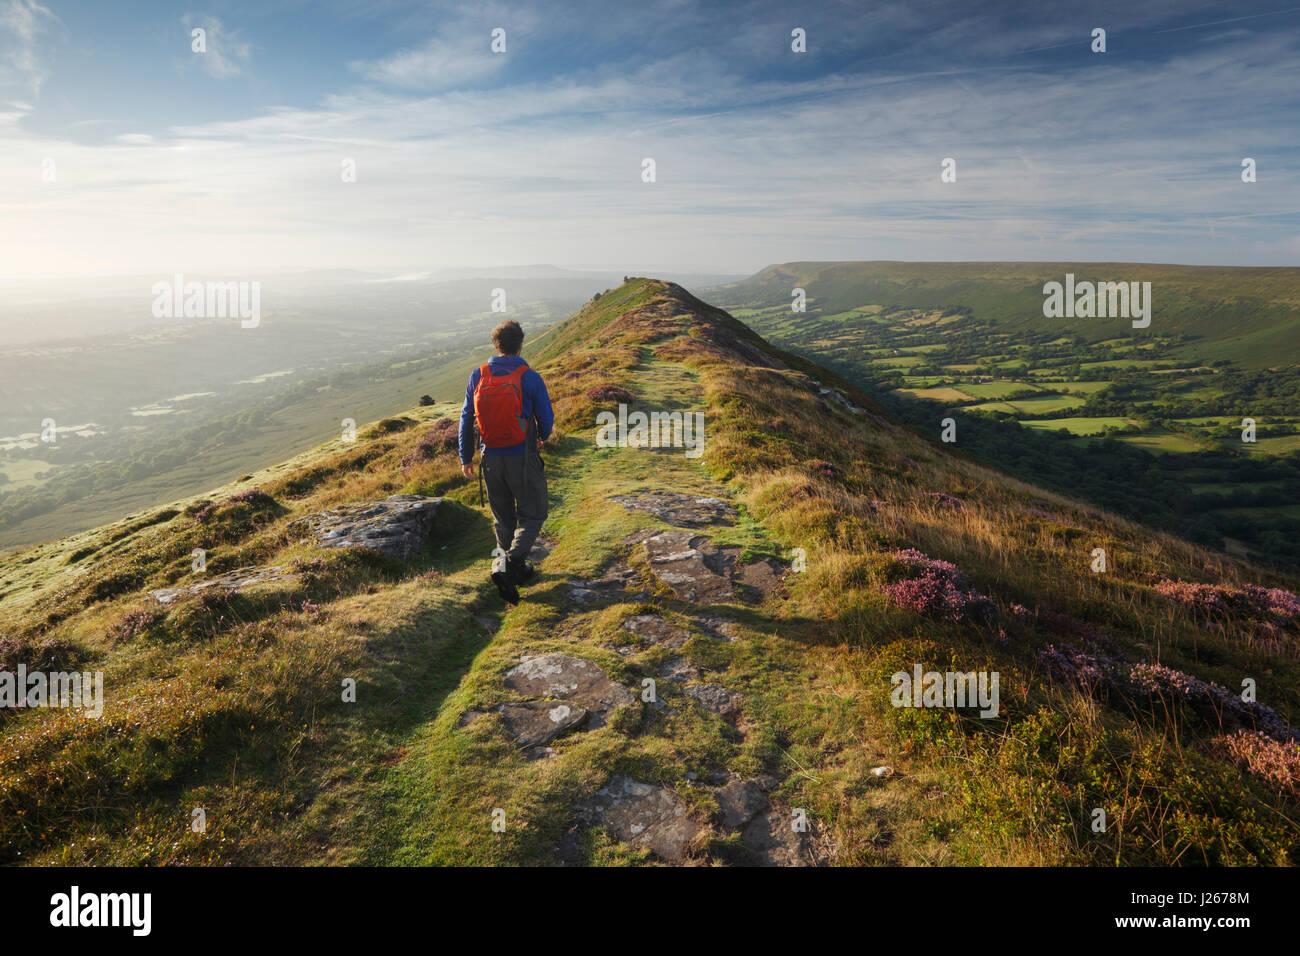 Escalador en Black Hill en la Montaña Negra. Parque Nacional de Brecon Beacons, Gales, Reino Unido. Imagen De Stock